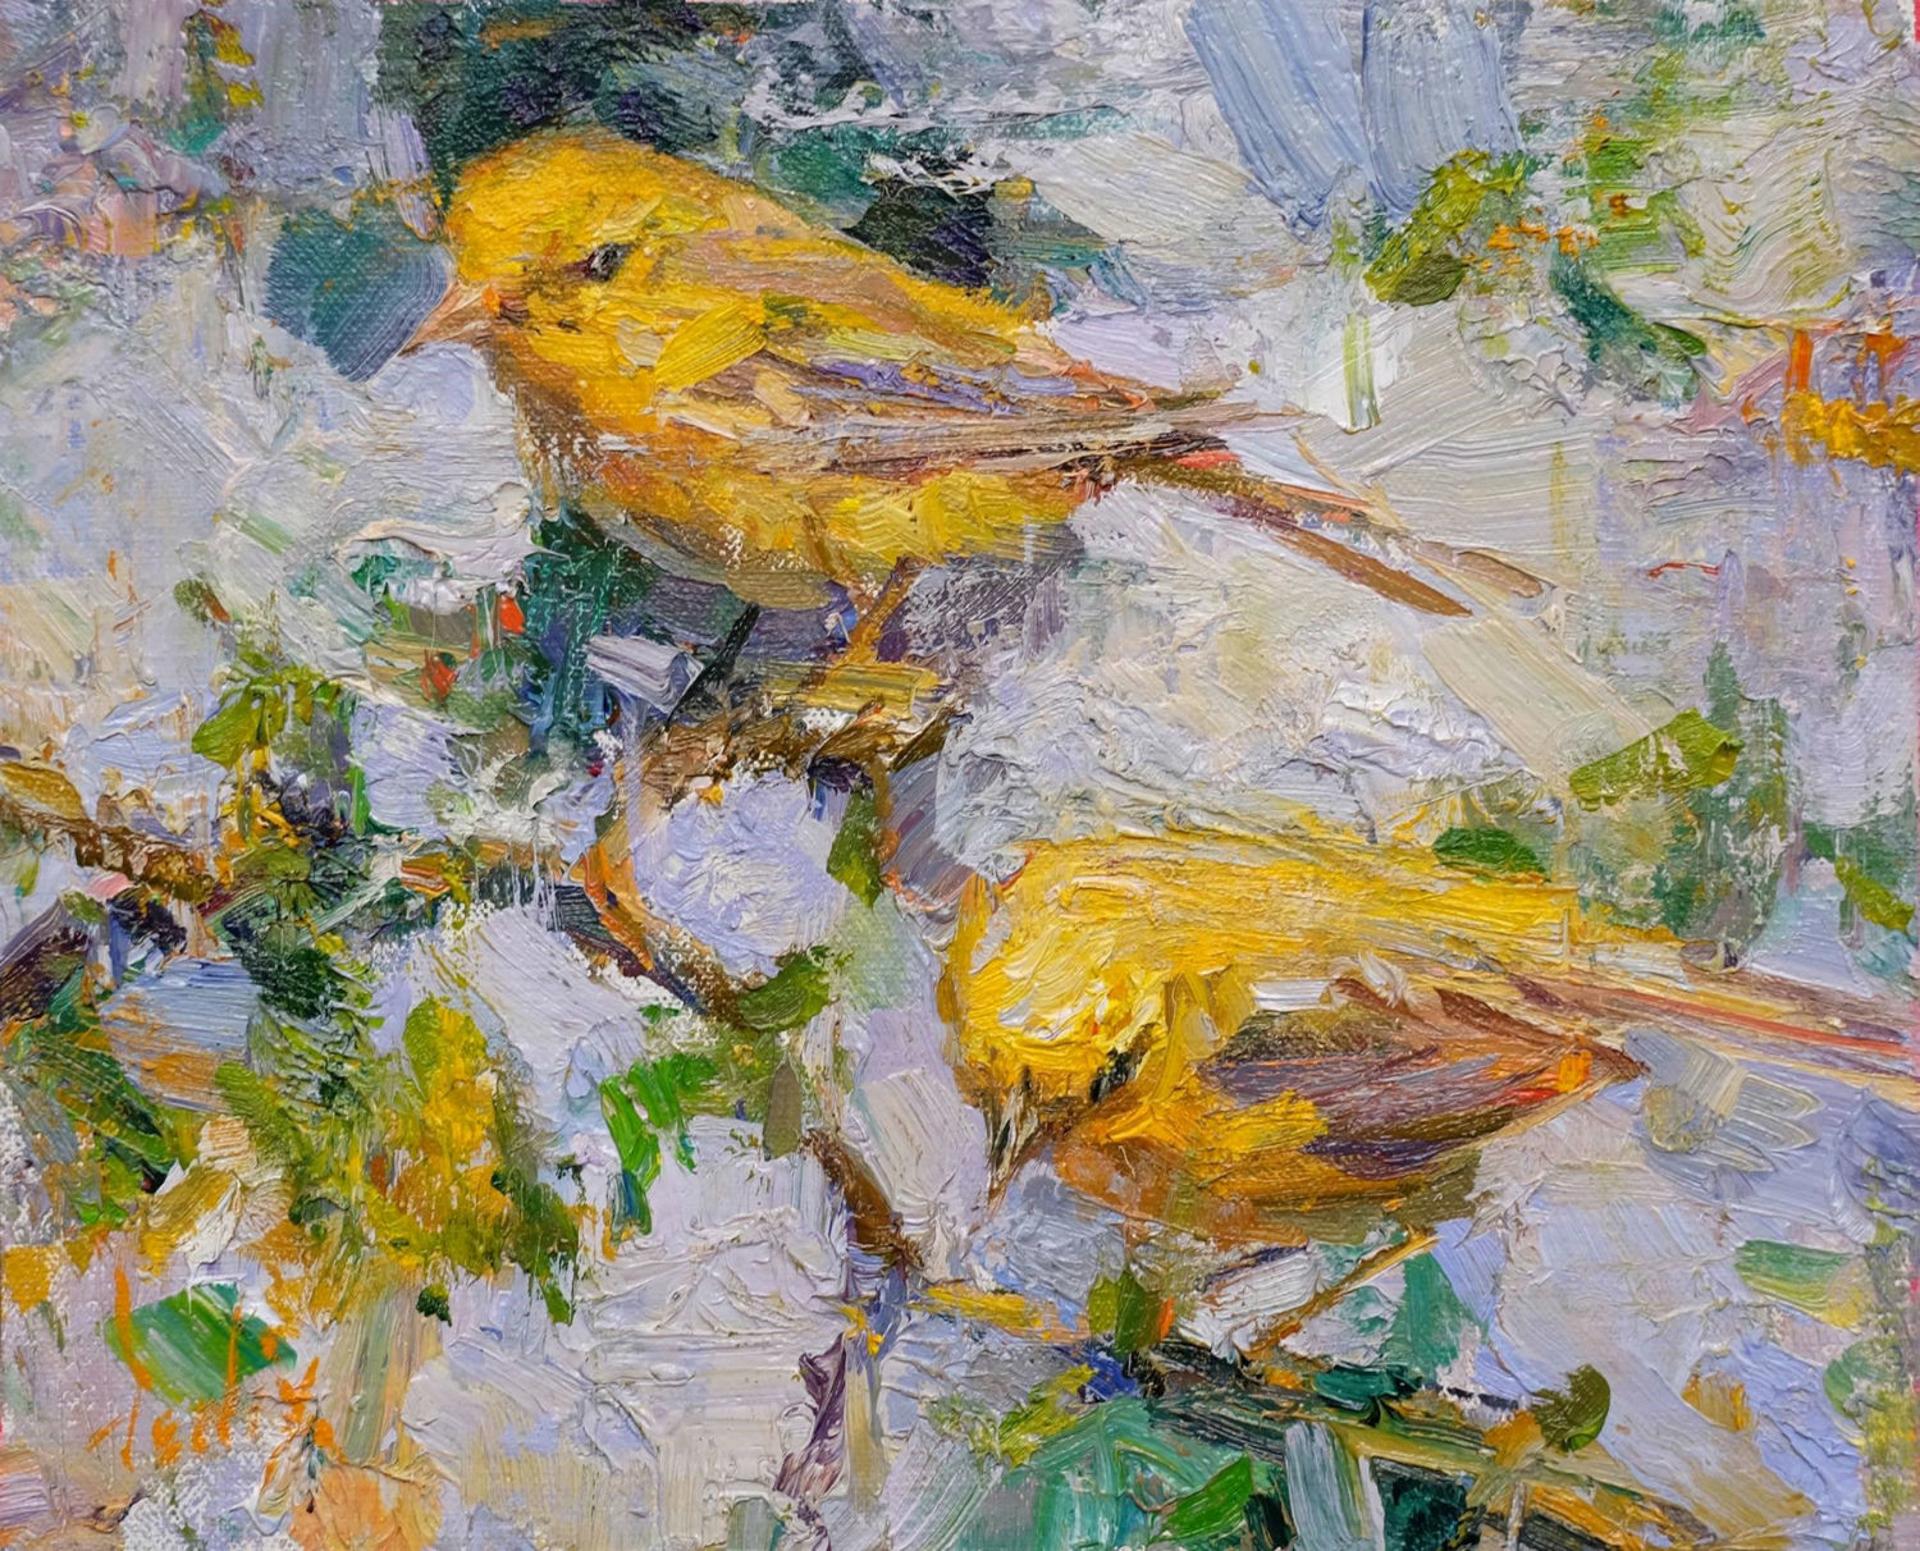 Birds by Derek Penix